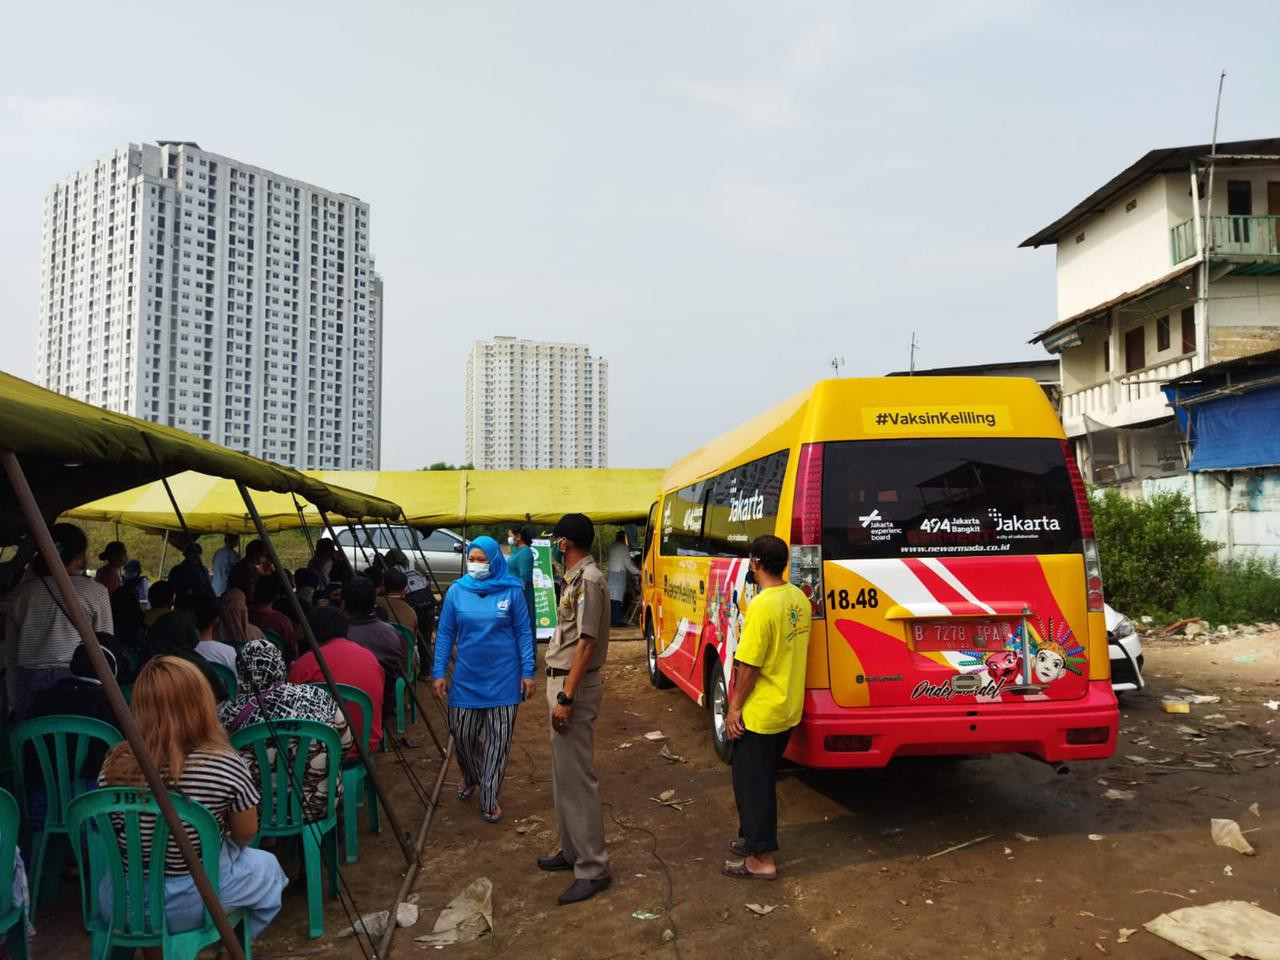 Layanan Mobil Vaksinasi Keliling Jangkau Warga Kampung Marina RW 017 Penjaringan